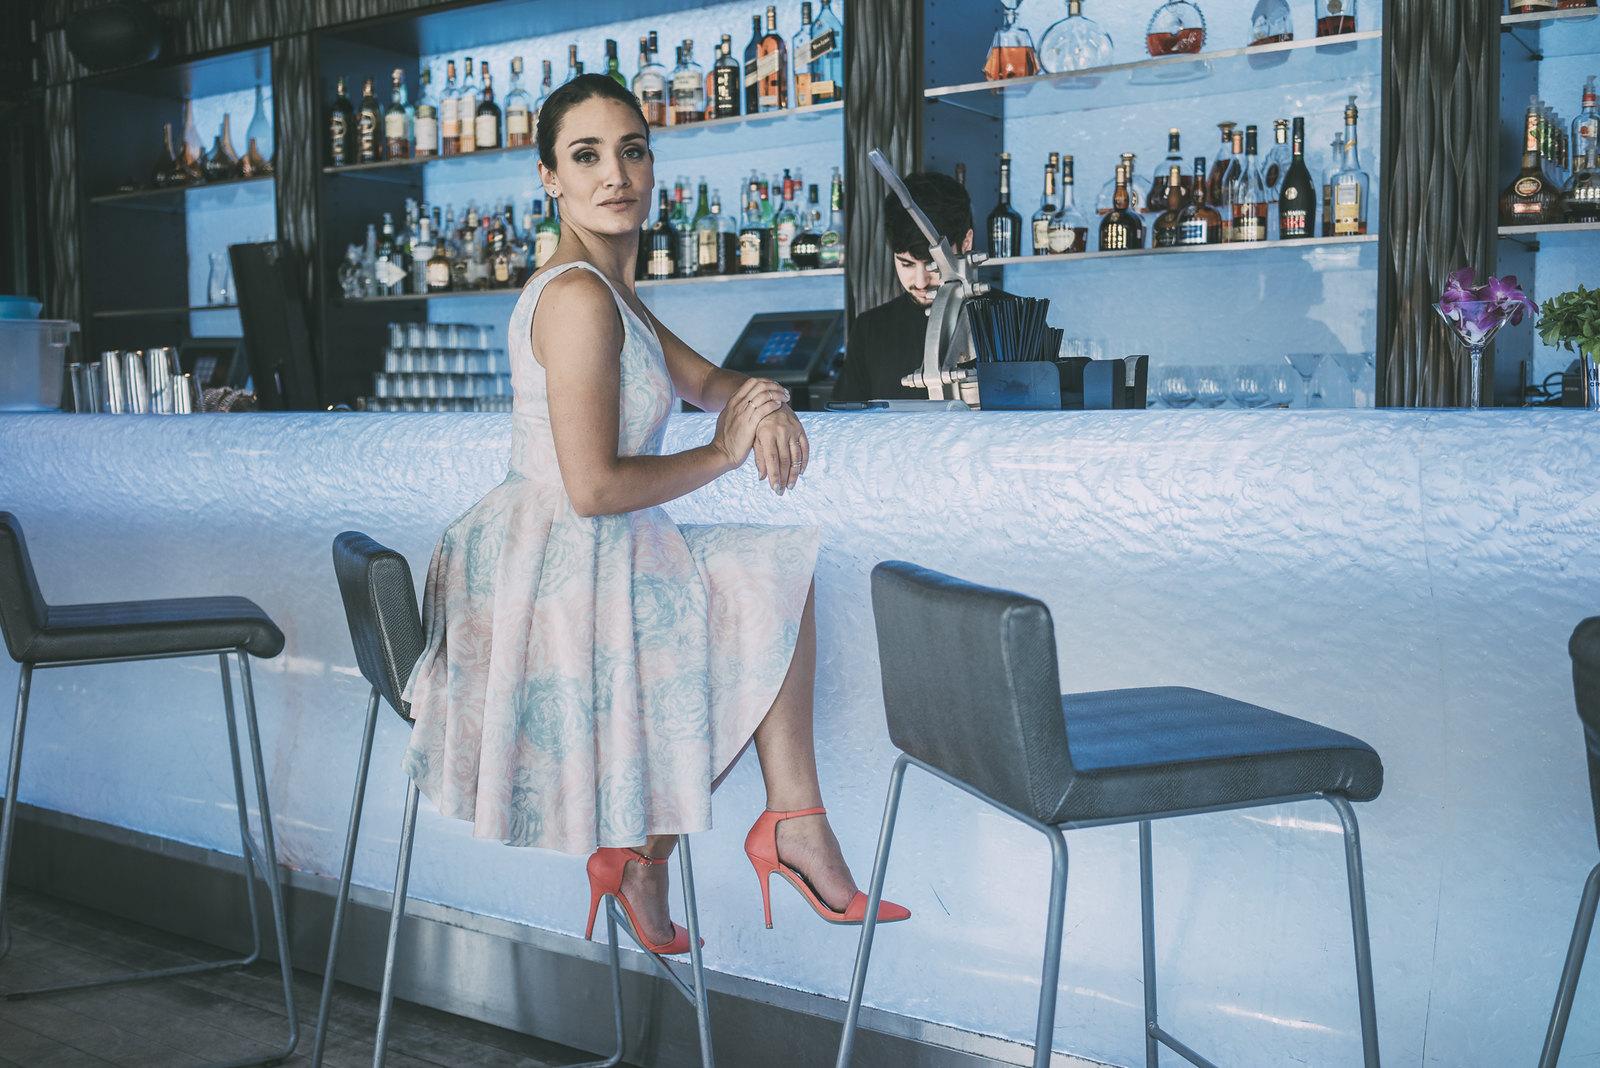 Camille Desrosiers-Gaudette Camille Dg Camille Desrosiers Blog Le Cahier Blogger Blogueuse Montréal